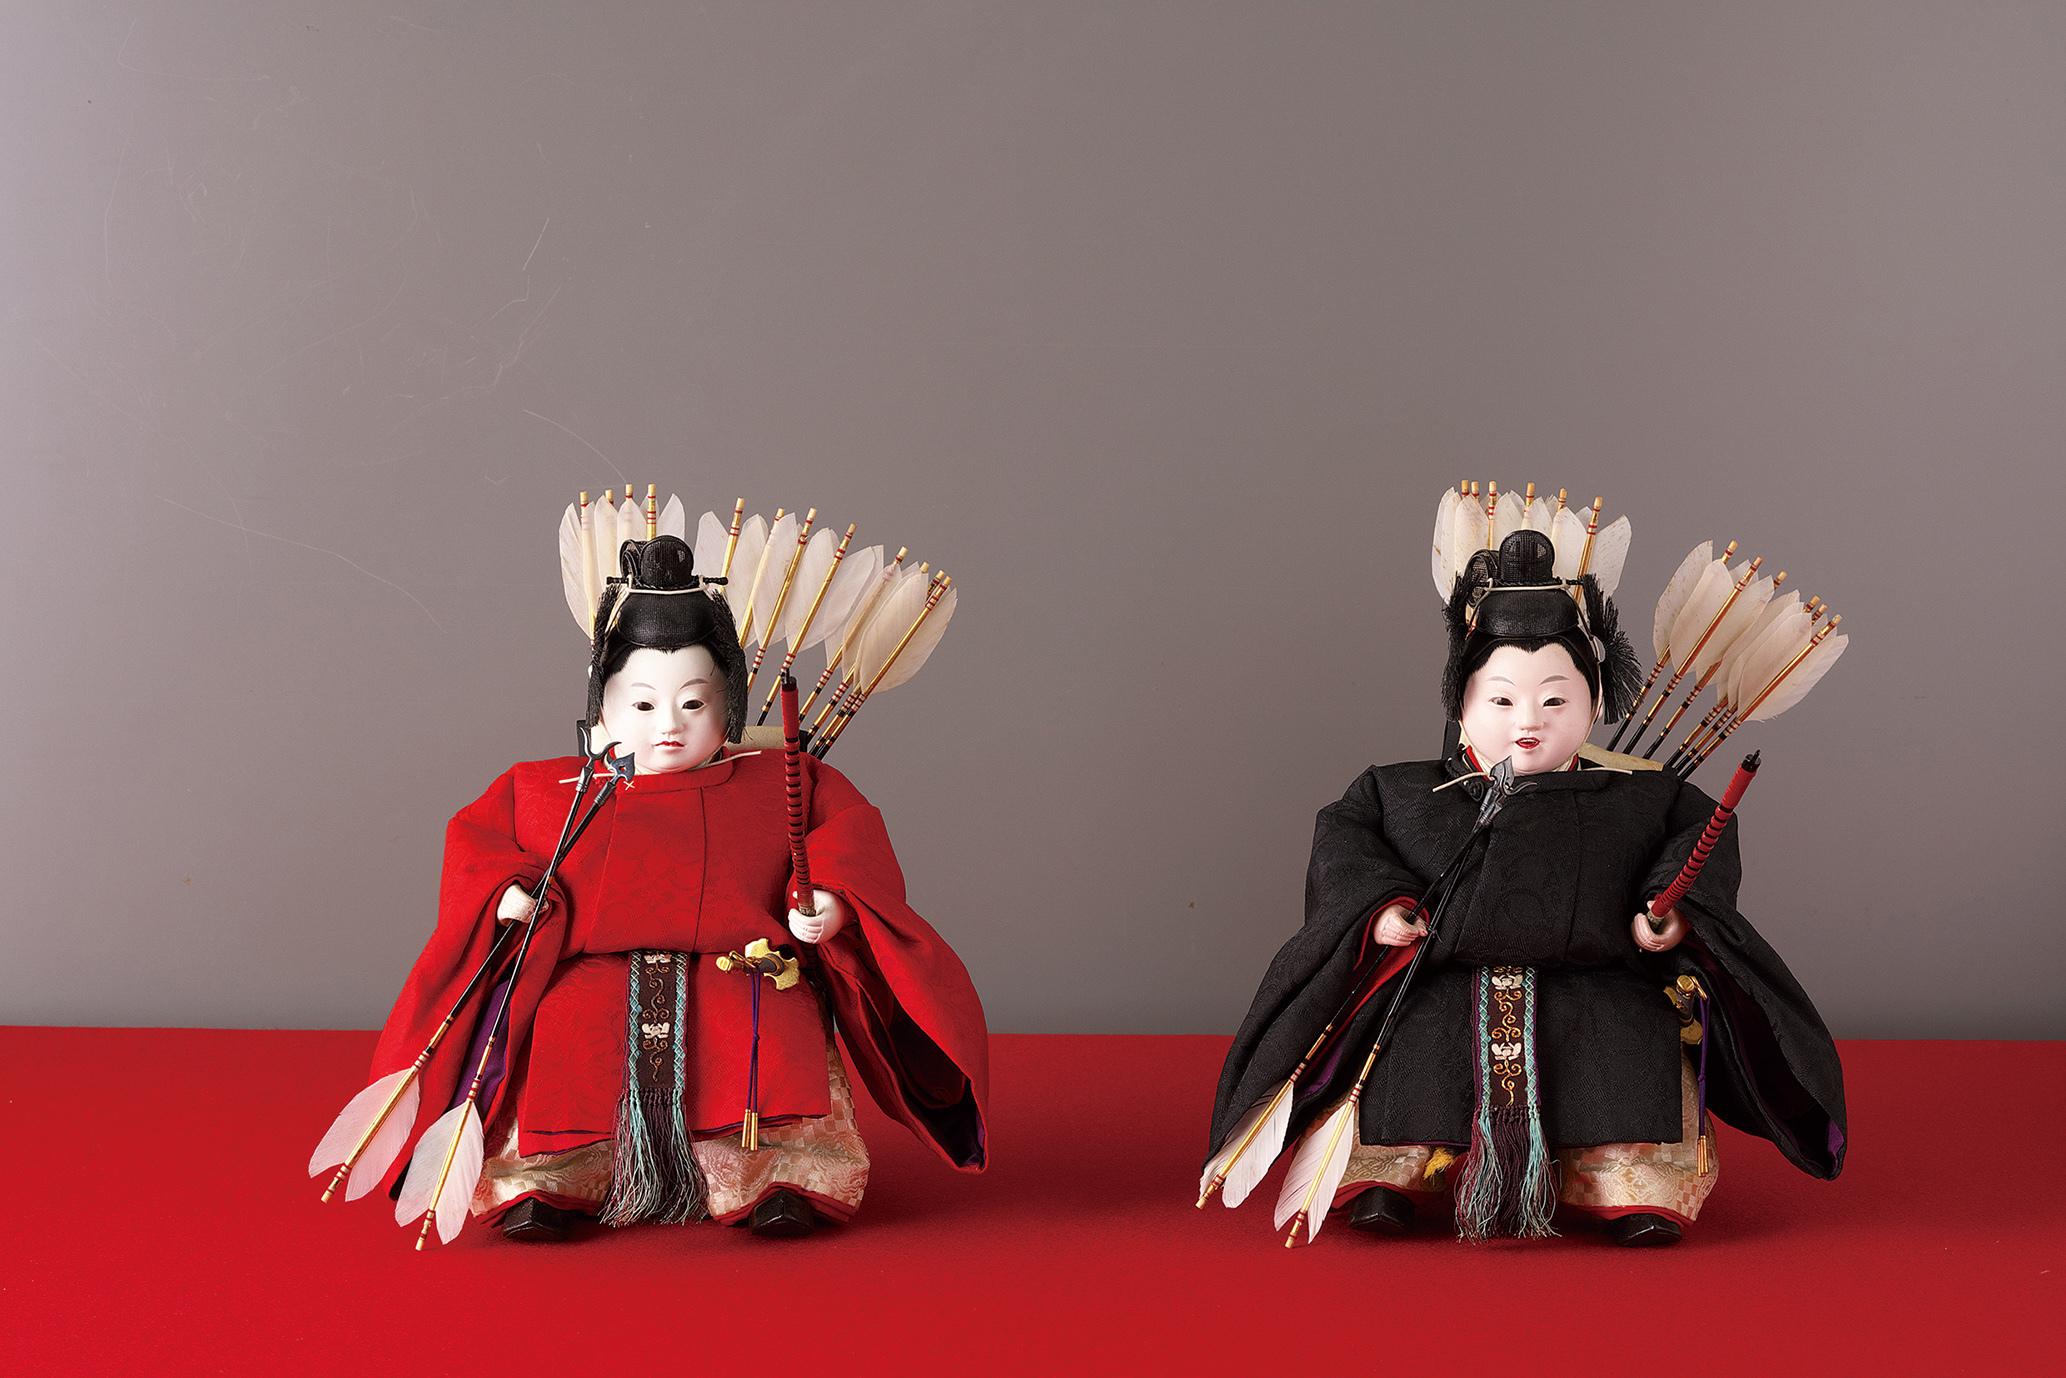 「岩﨑家雛人形」のうち随身 五世大木平藏製 昭和初期 静嘉堂文庫美術館蔵 【全期間展示】